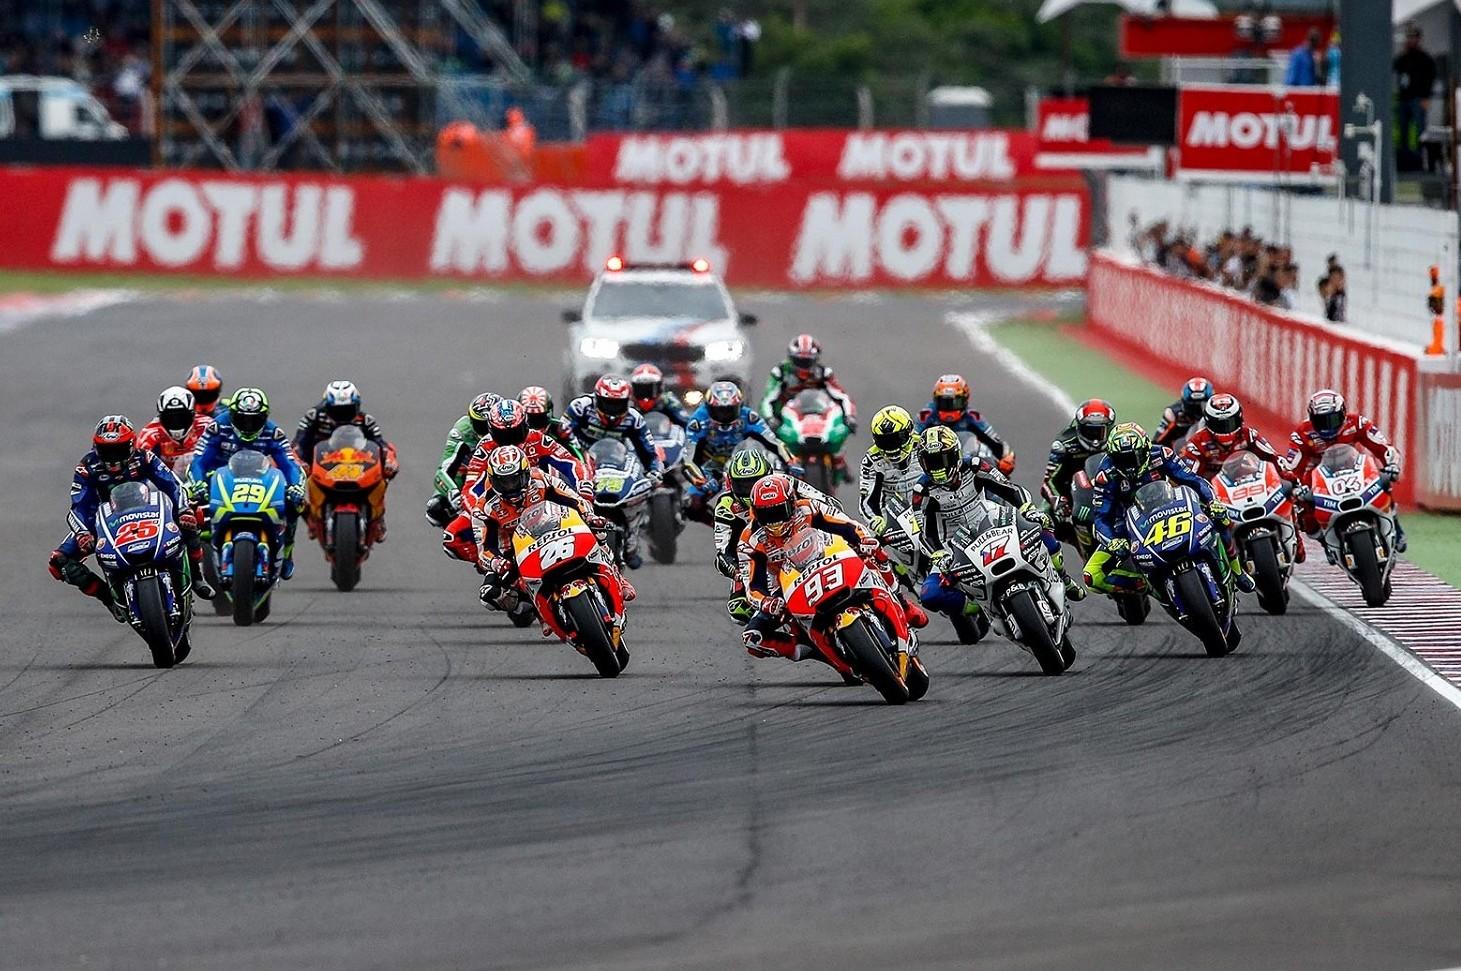 MotoGP Spagna streaming. Dove vedere